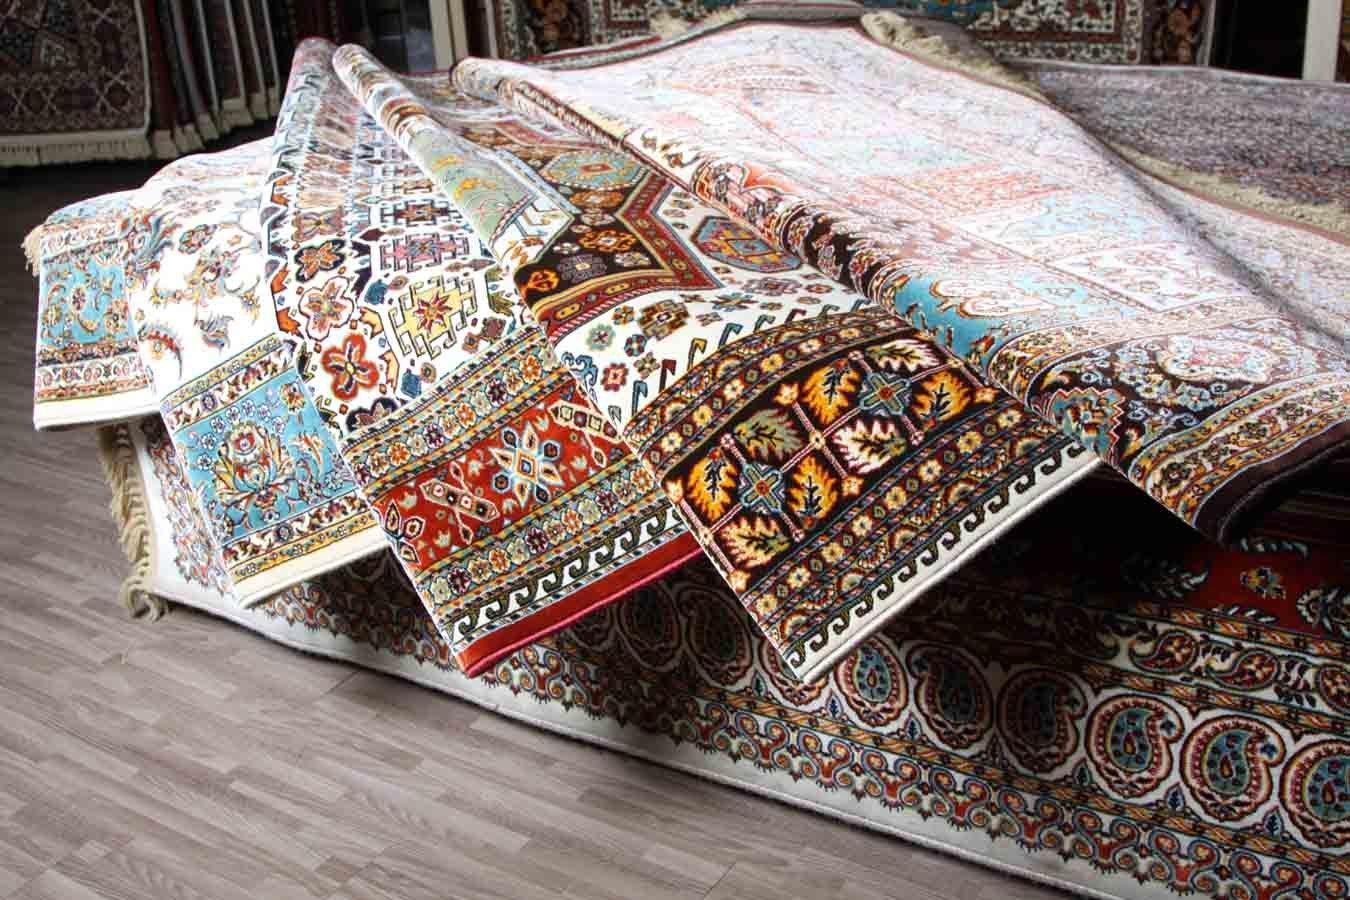 لیست فرش فروشی های استان آذربایجان غربی